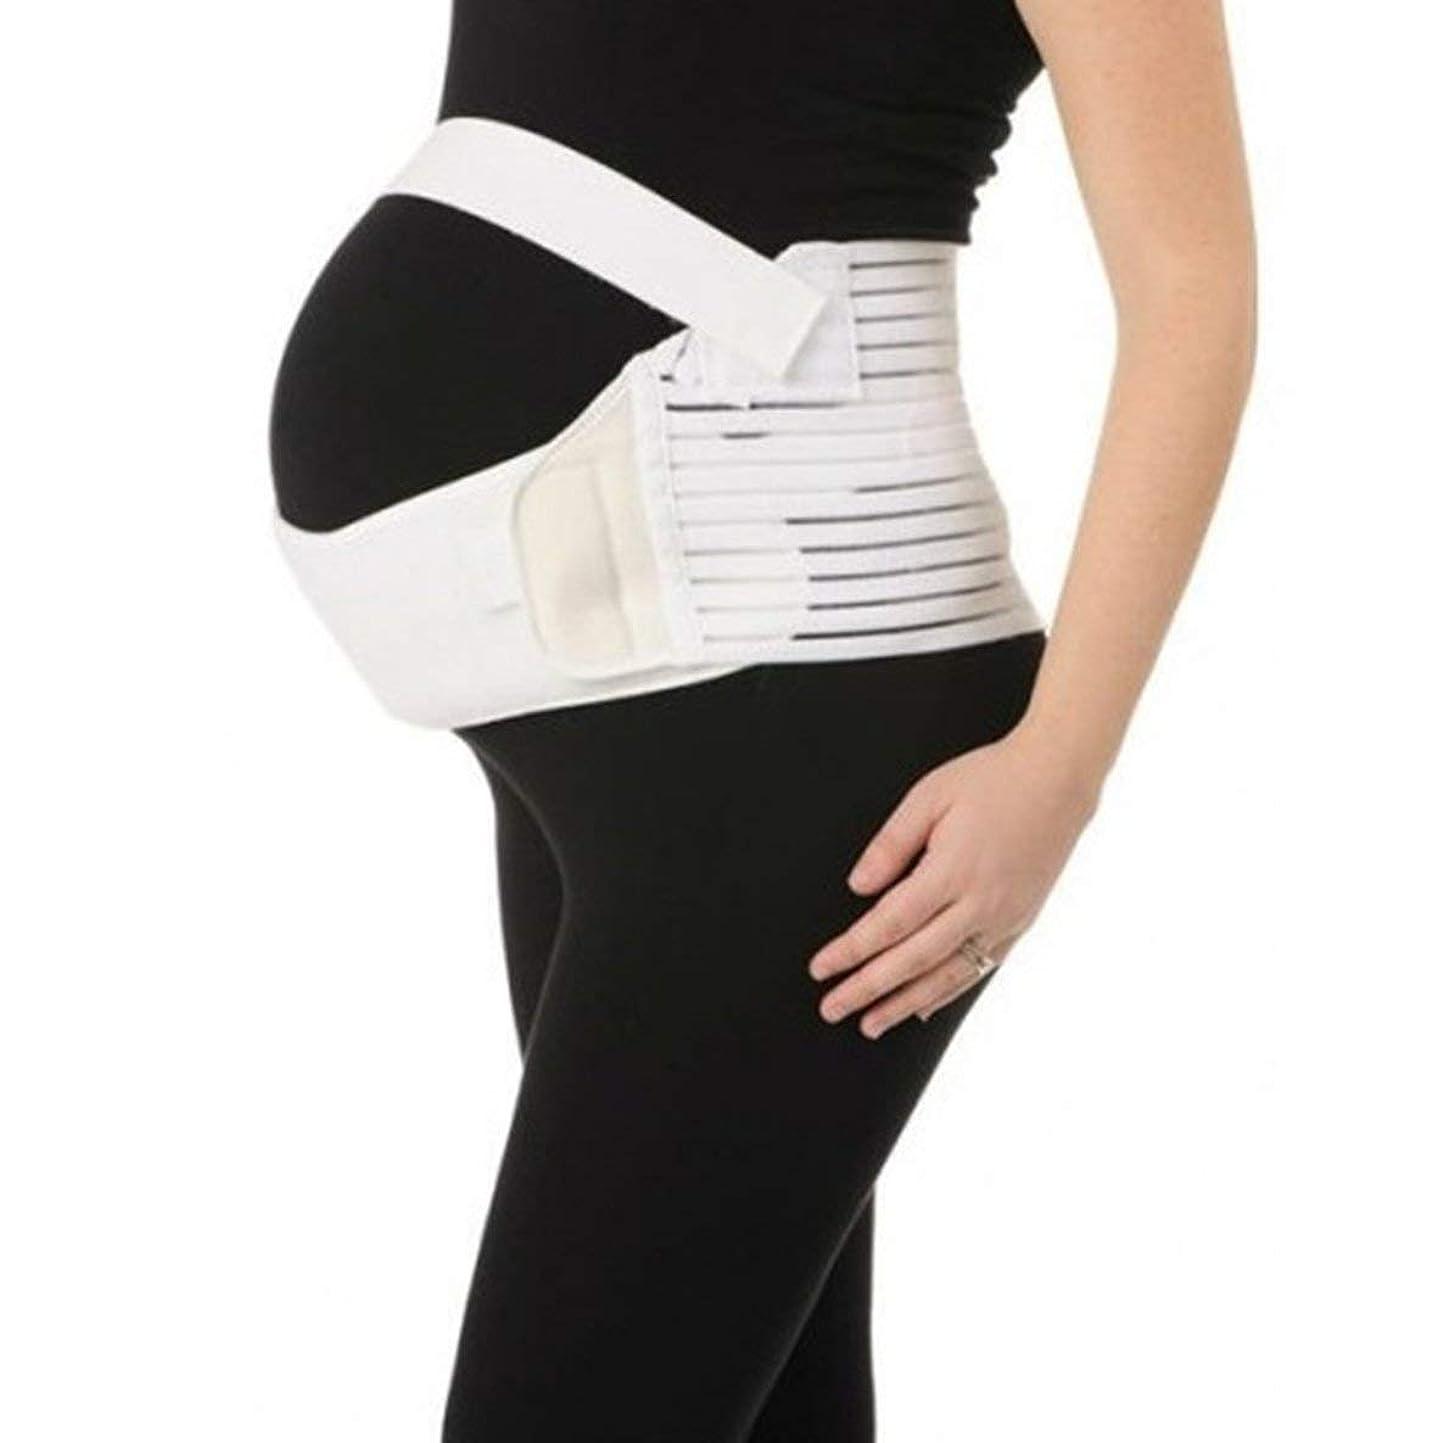 対人で出来ている行政通気性産科ベルト妊娠腹部サポート腹部バインダーガードル運動包帯産後の回復形状ウェア - ホワイトM